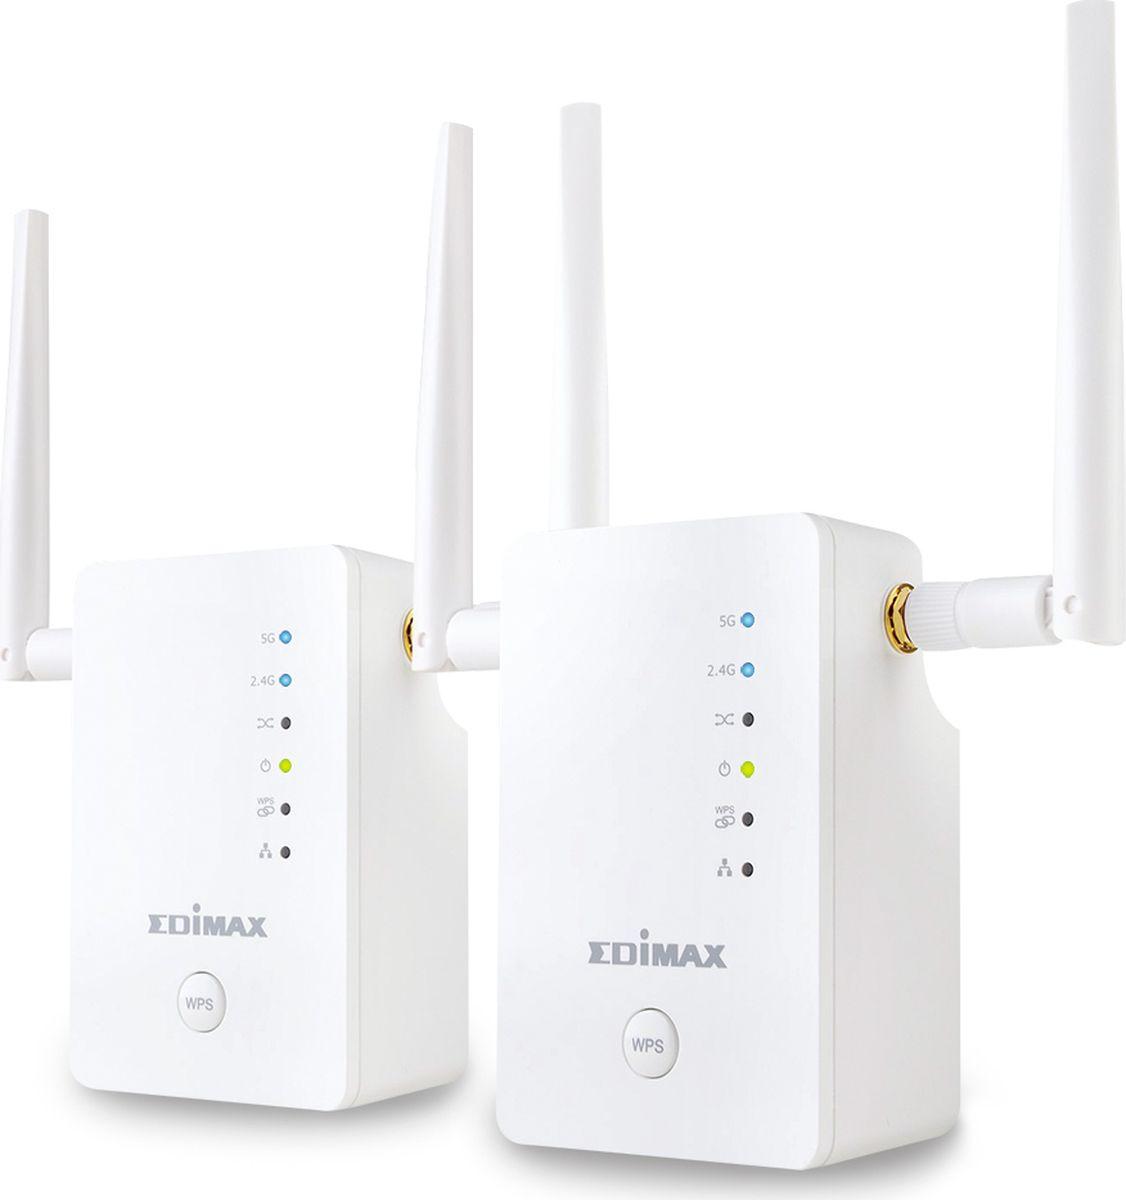 Edimax RE11 усилитель беспроводного сигнала